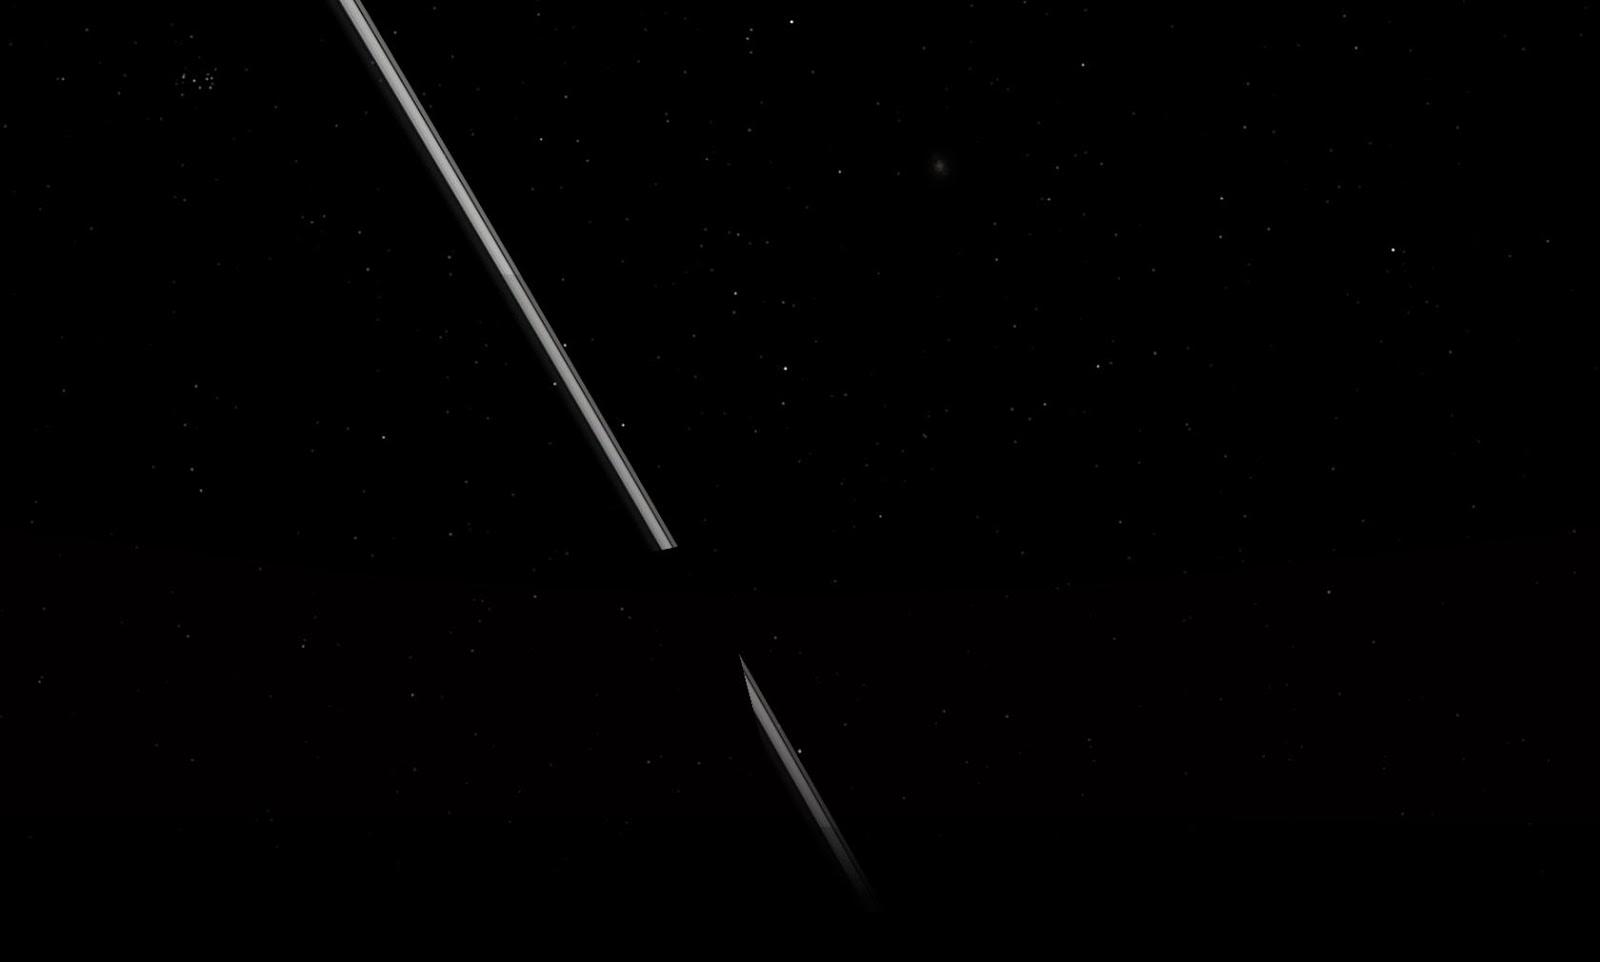 Phần bóng tối của Trái Đất che lên vành đai. Tác giả : John Brady ở Astronomy Central trên mạng xã hội Reddit.